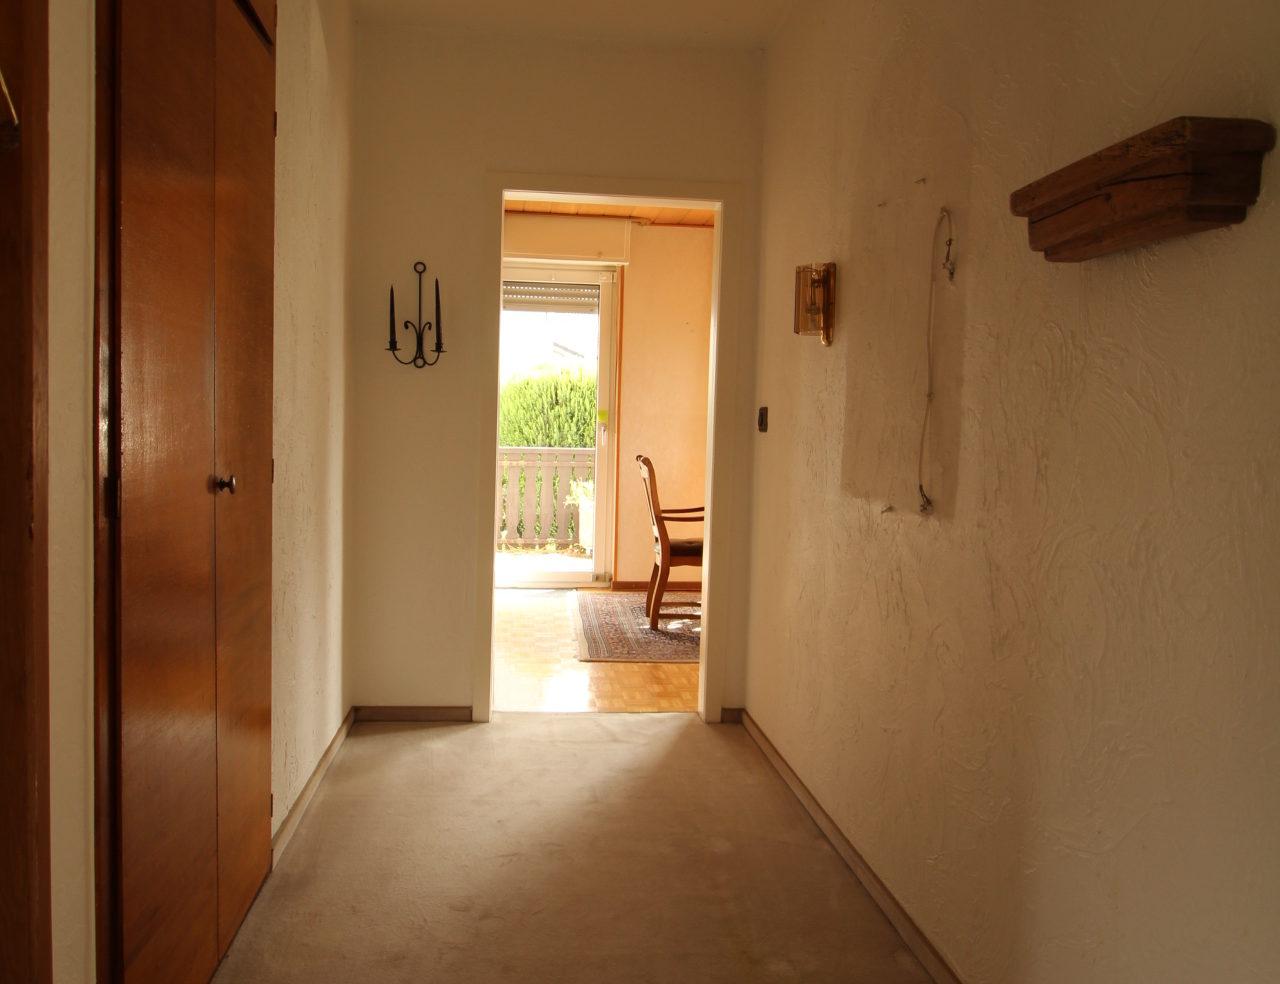 Vorher Foto Blickfang Home Staging. Leere und geerbte Immobilie, die keiner kaufen wollte